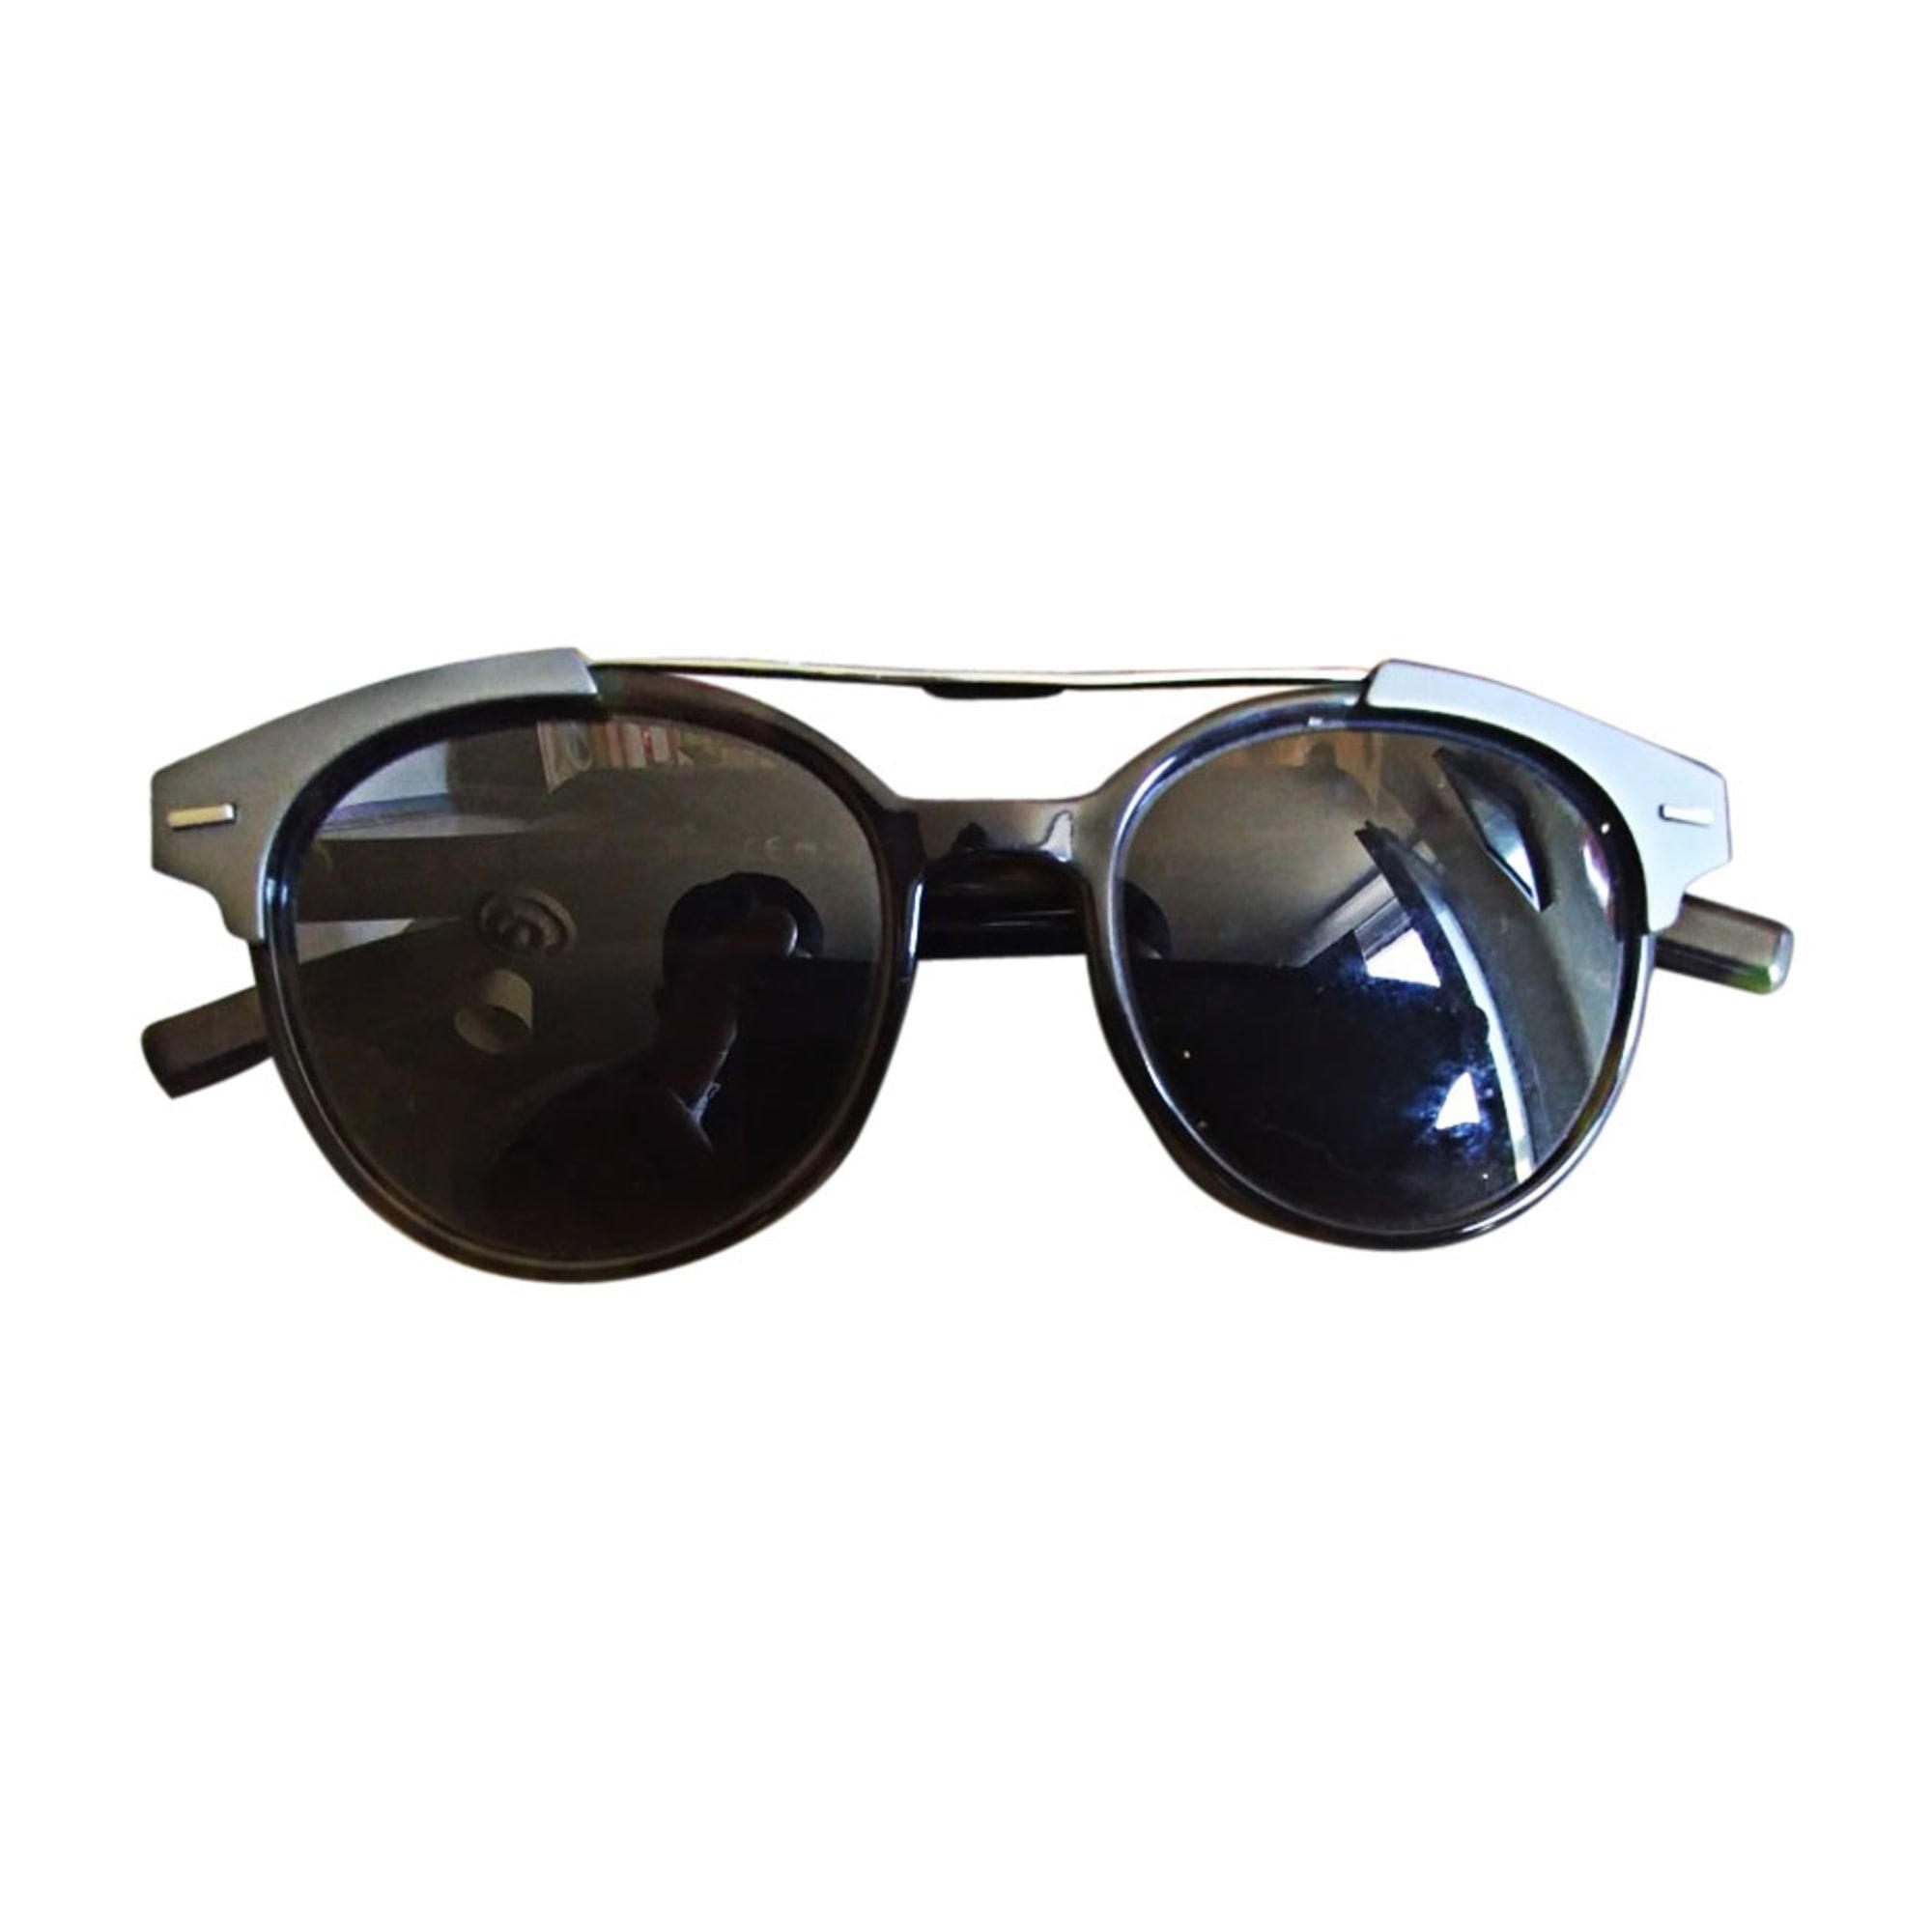 sonnenbrille dior grau vendu par dorel 6 6349918. Black Bedroom Furniture Sets. Home Design Ideas